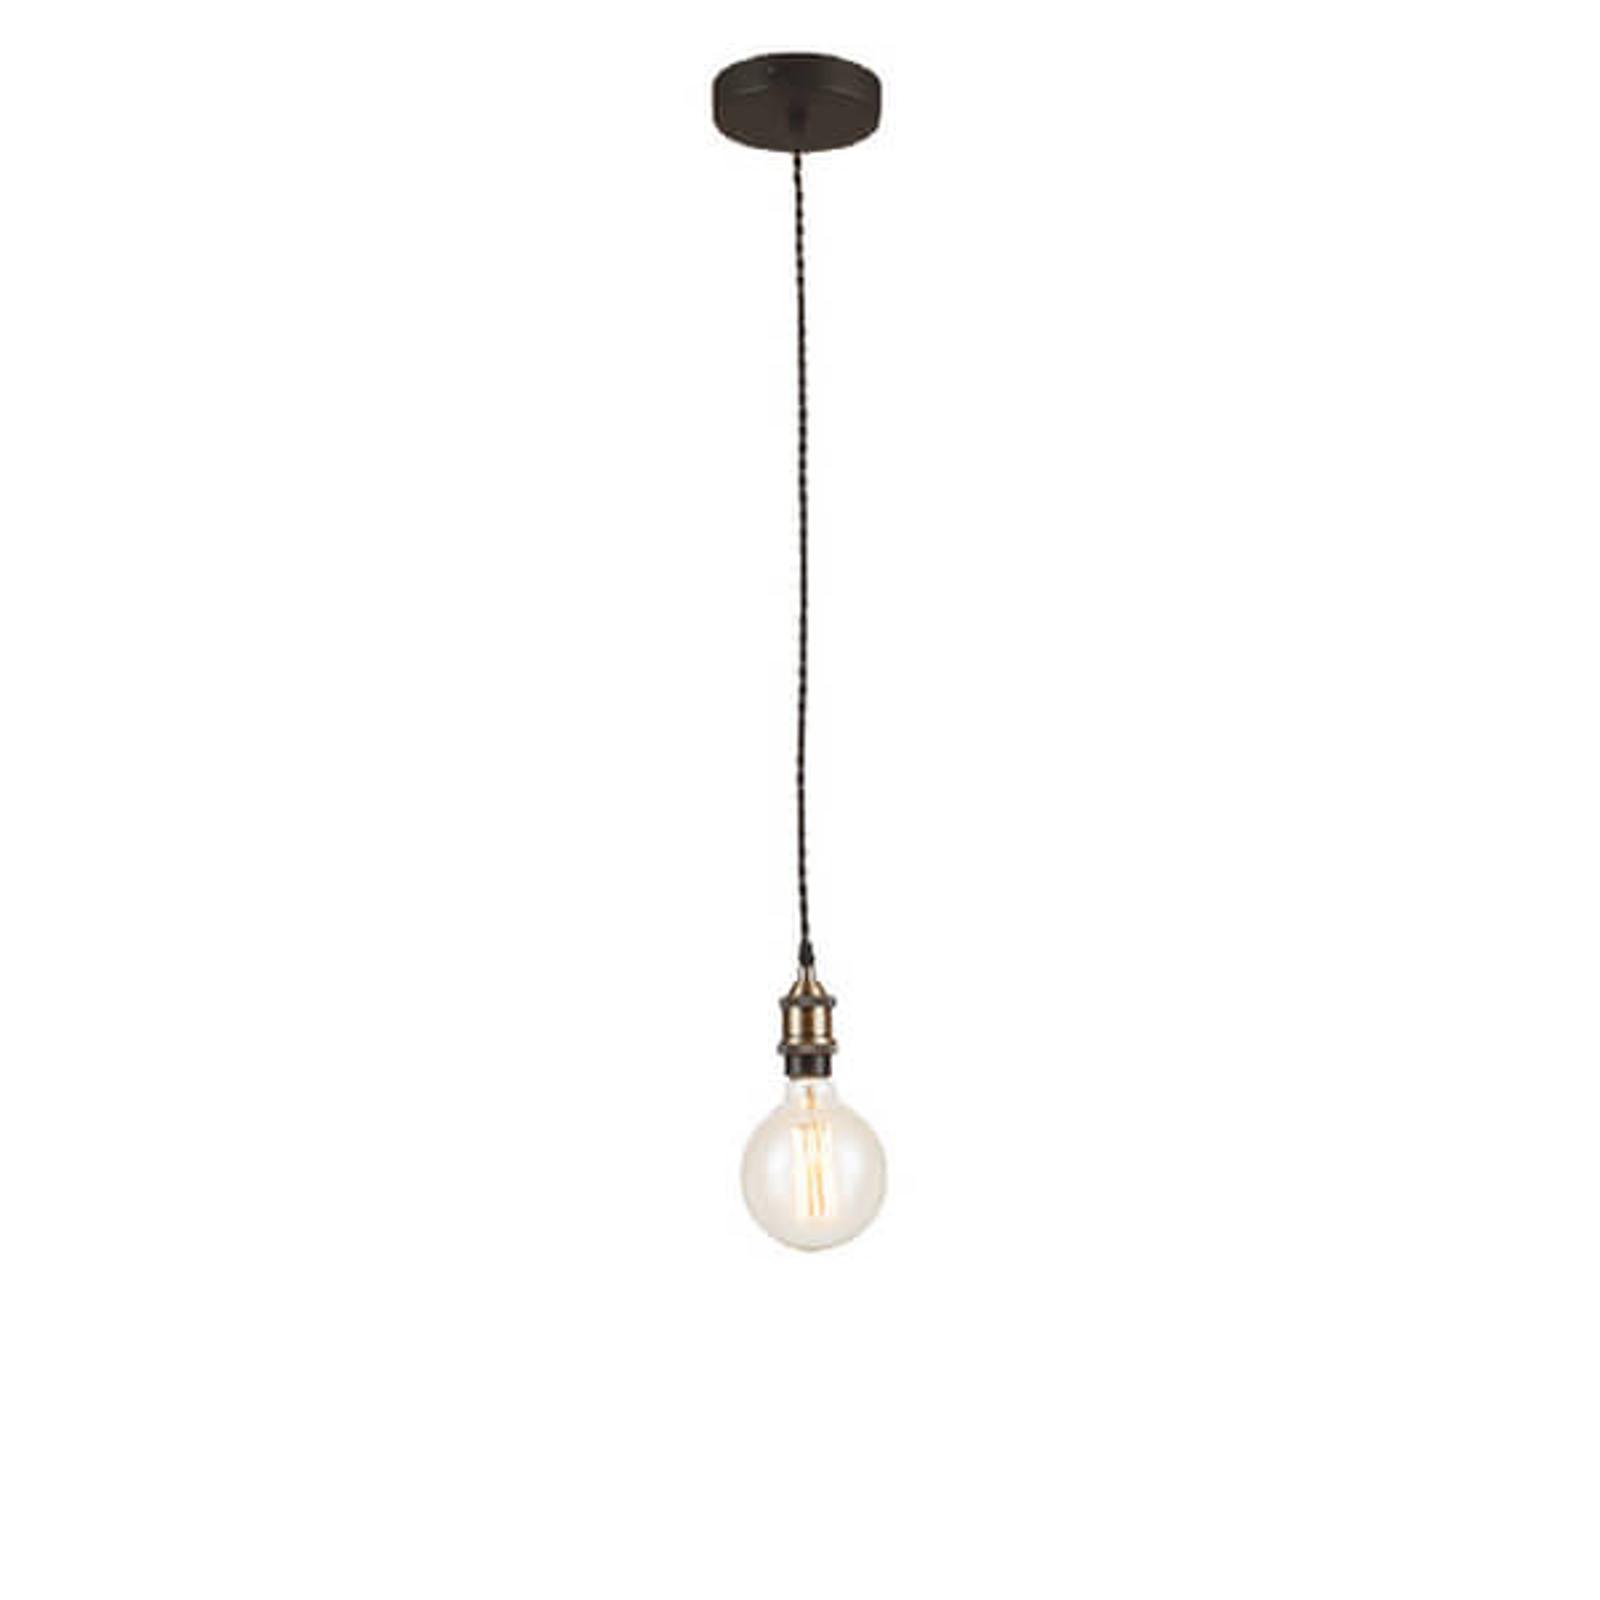 Lampa wisząca Vintage z drucianym zawieszeniem